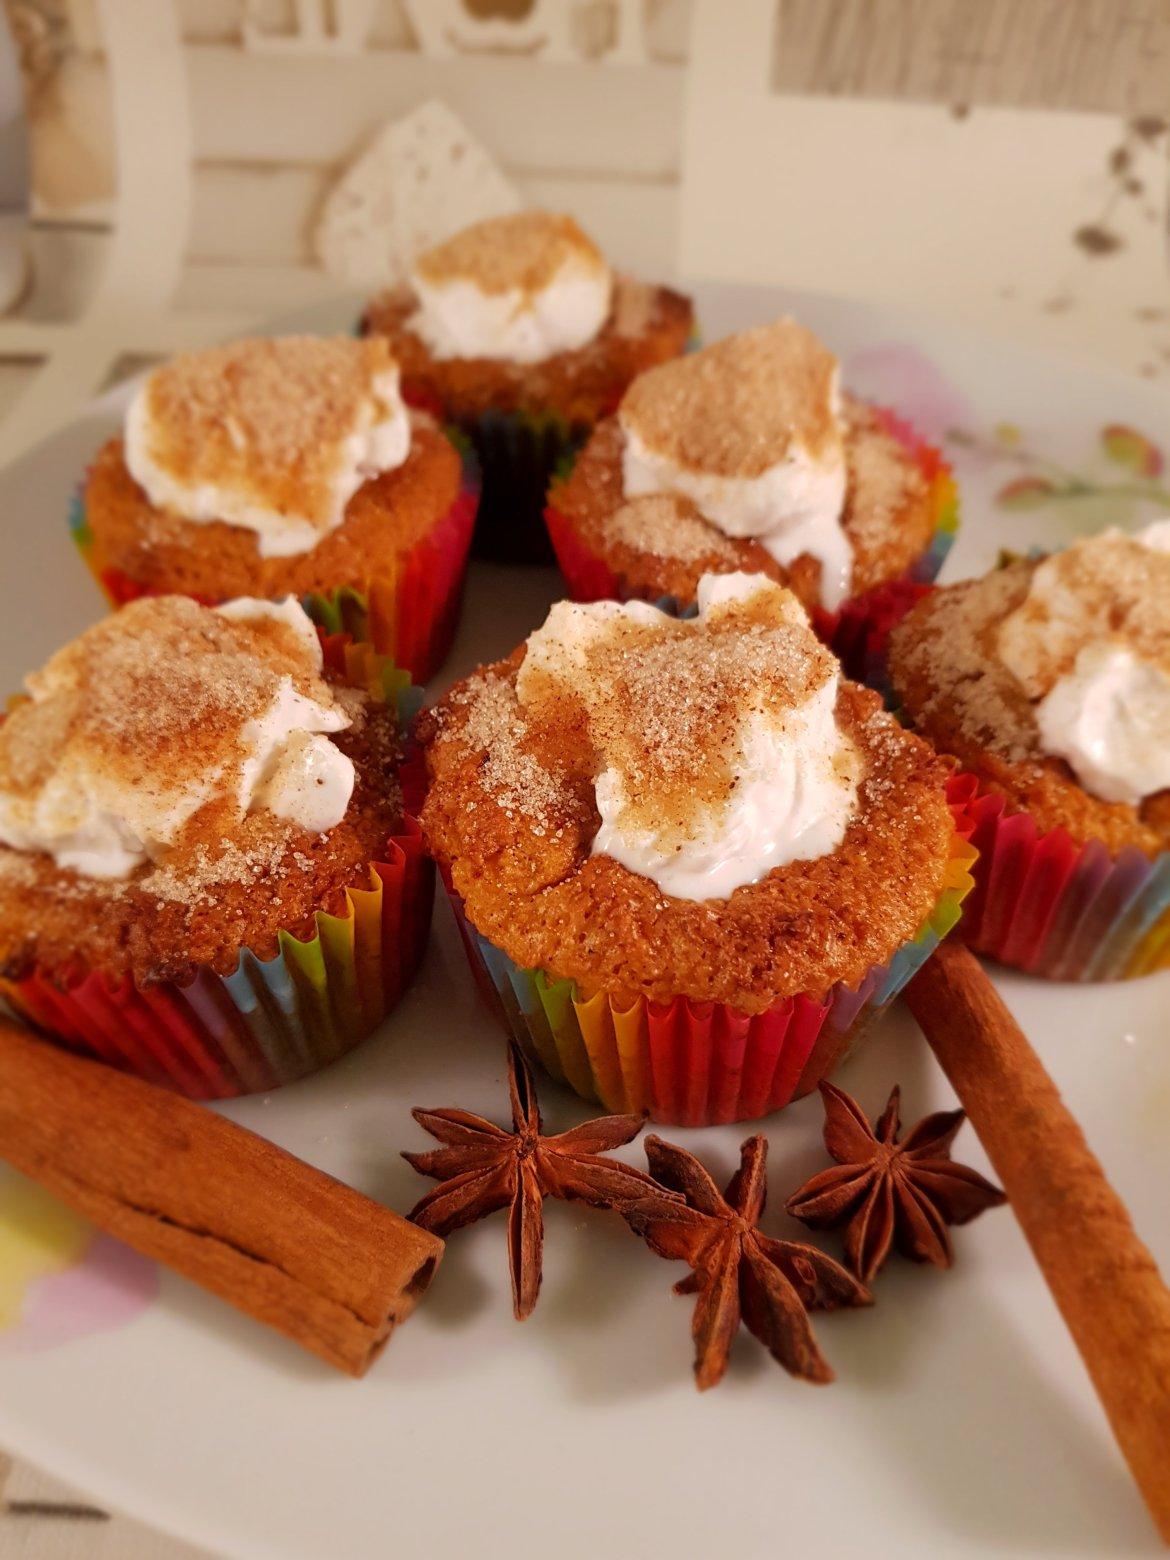 Brioșe cu lapte de cocos și scorțișoară